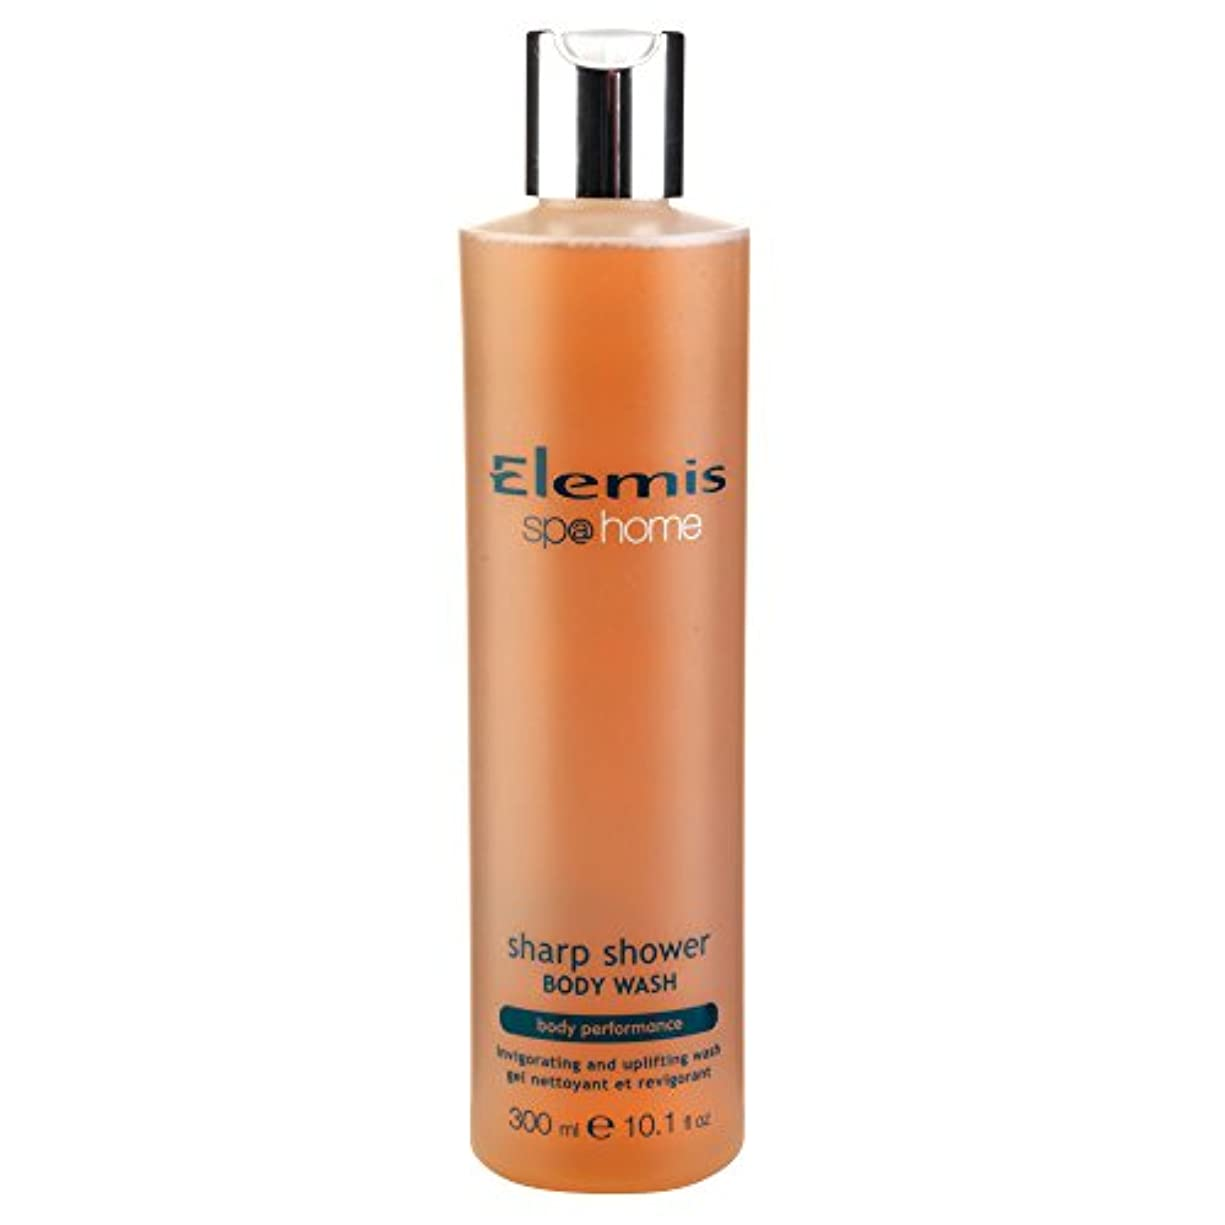 漏れうねる誘惑するエレミスシャープシャワーボディウォッシュ300ミリリットル (Elemis) (x2) - Elemis Sharp Shower Body Wash 300ml (Pack of 2) [並行輸入品]